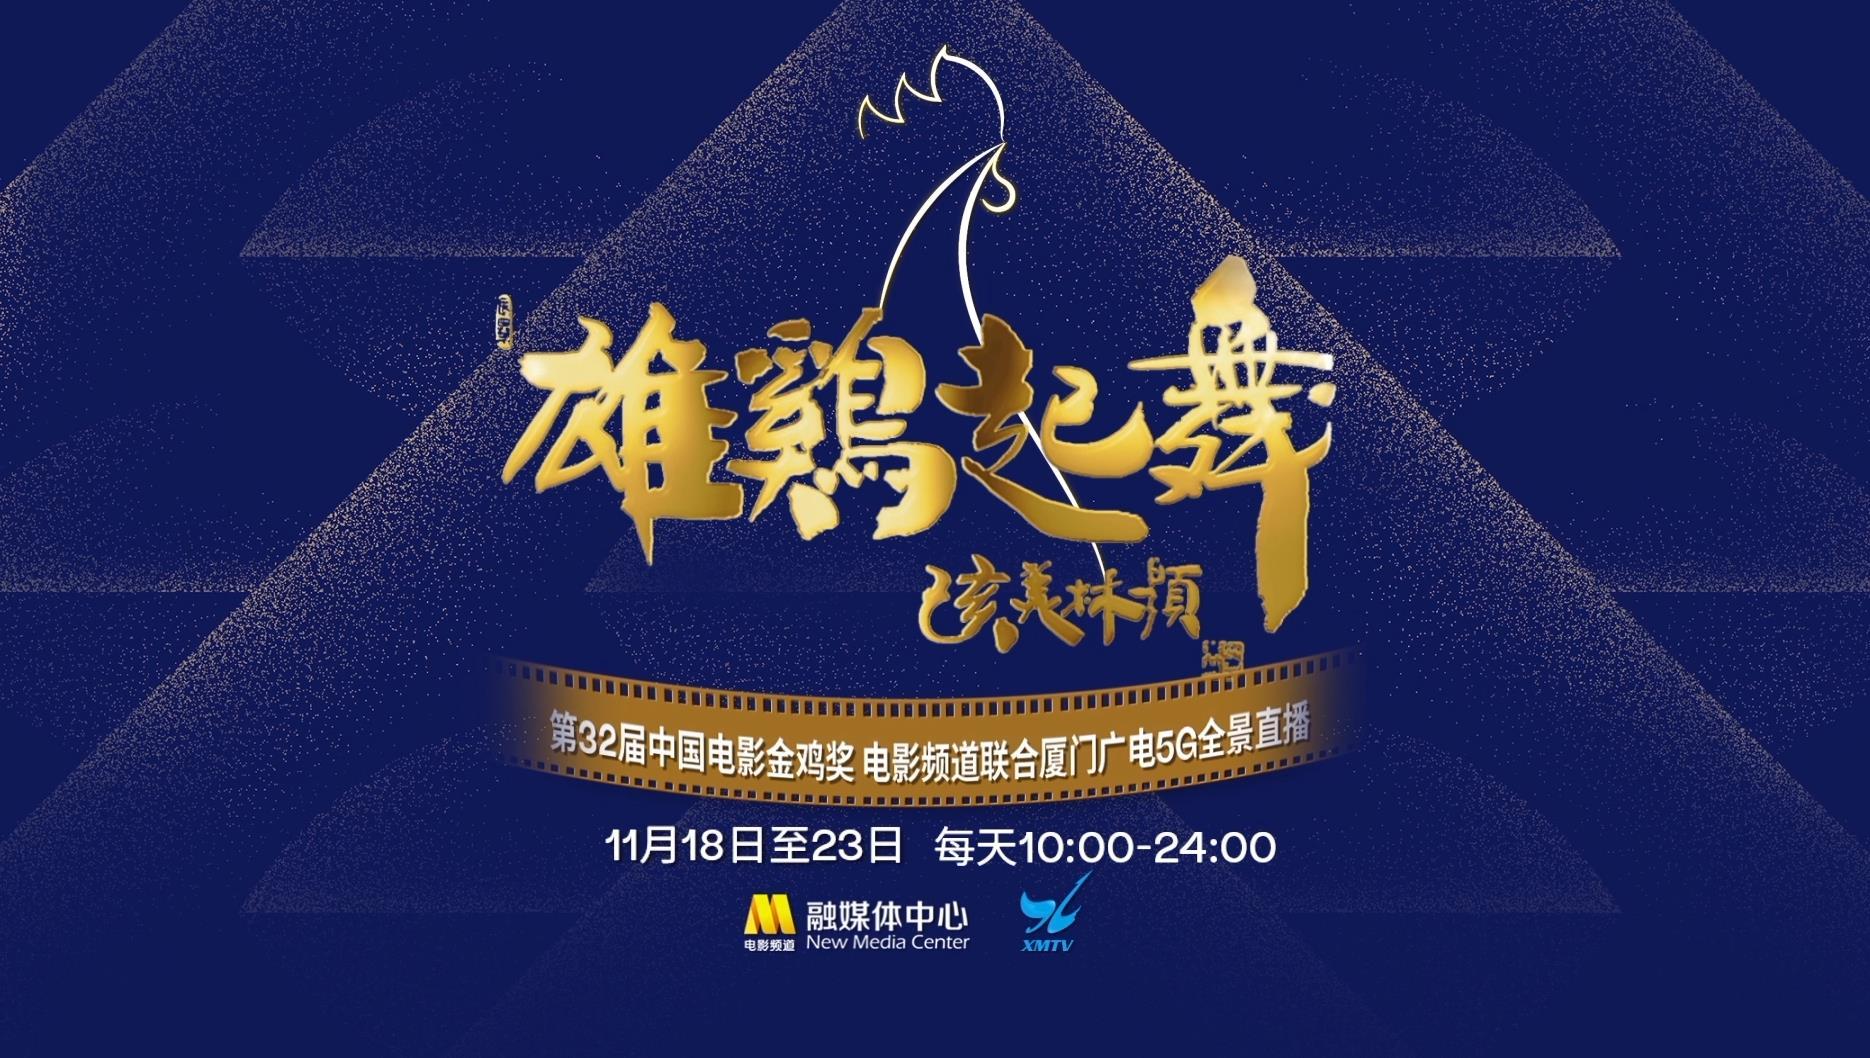 金鸡来啦!电影频道、厦门广电联合推出6天84小时全网直播 00:00:30